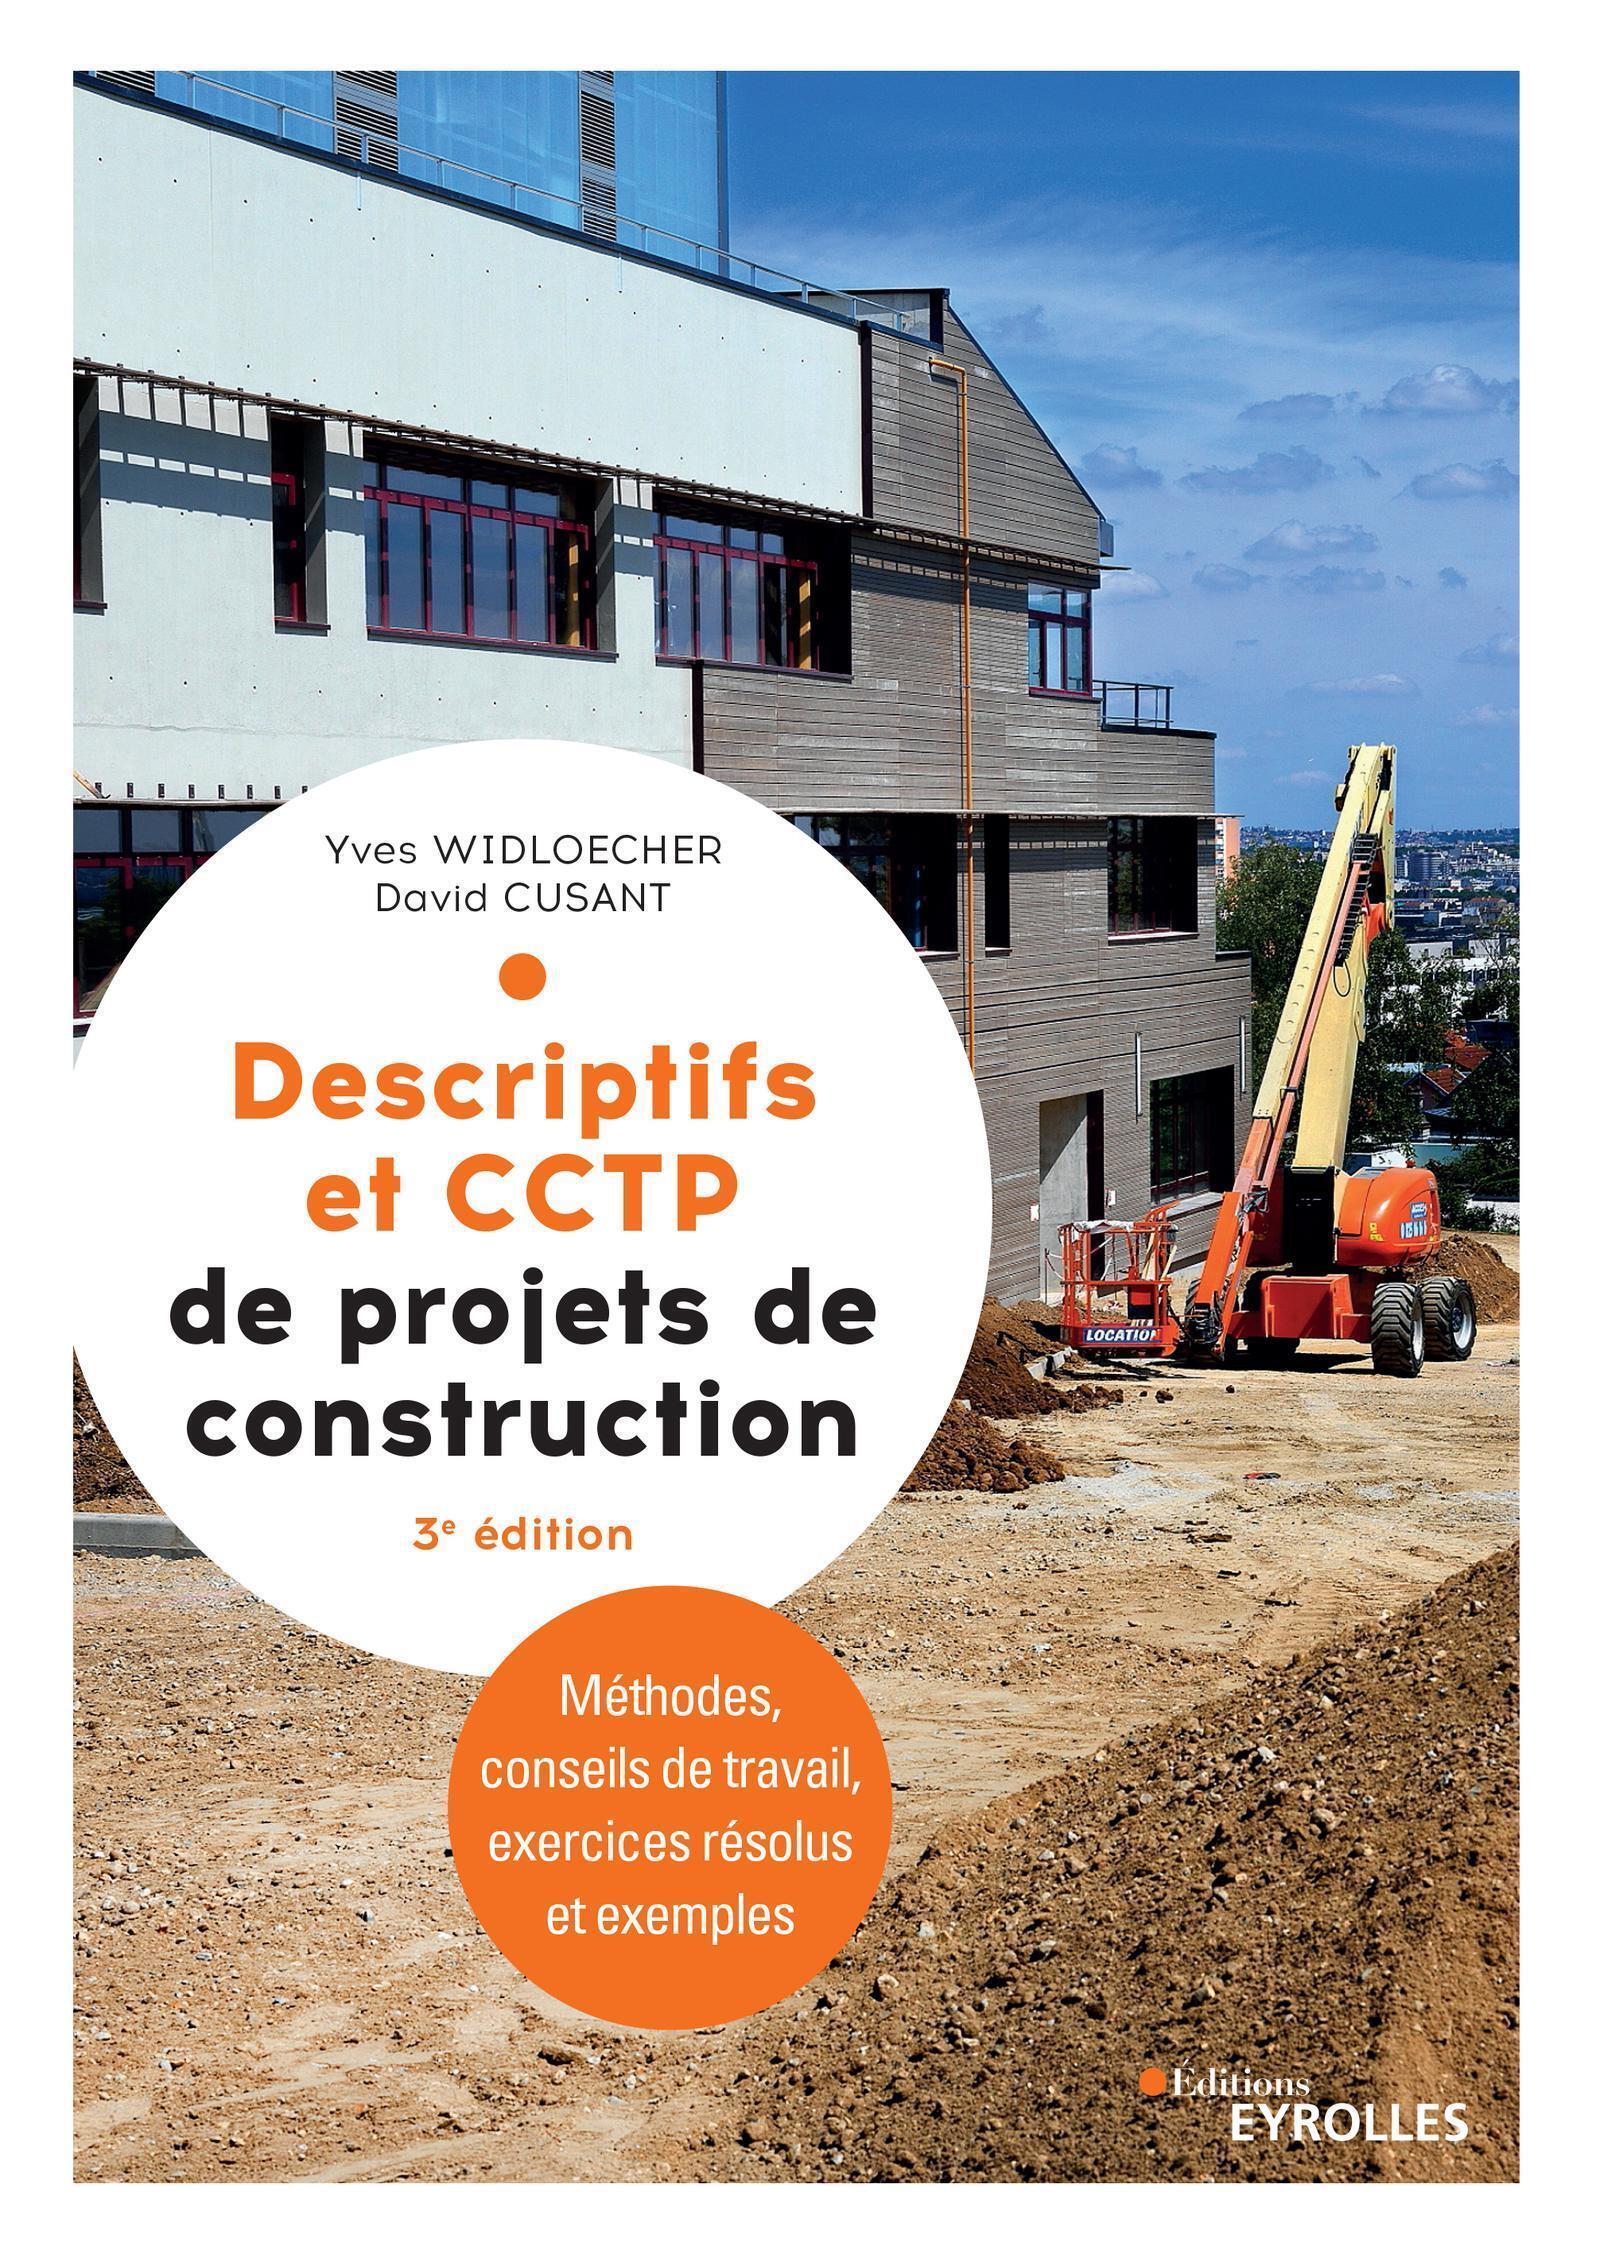 DESCRIPTIFS ET CCTP DE PROJETS DE CONSTRUCTION - MANUEL DE FORMATION INITIALE ET CONTINUE